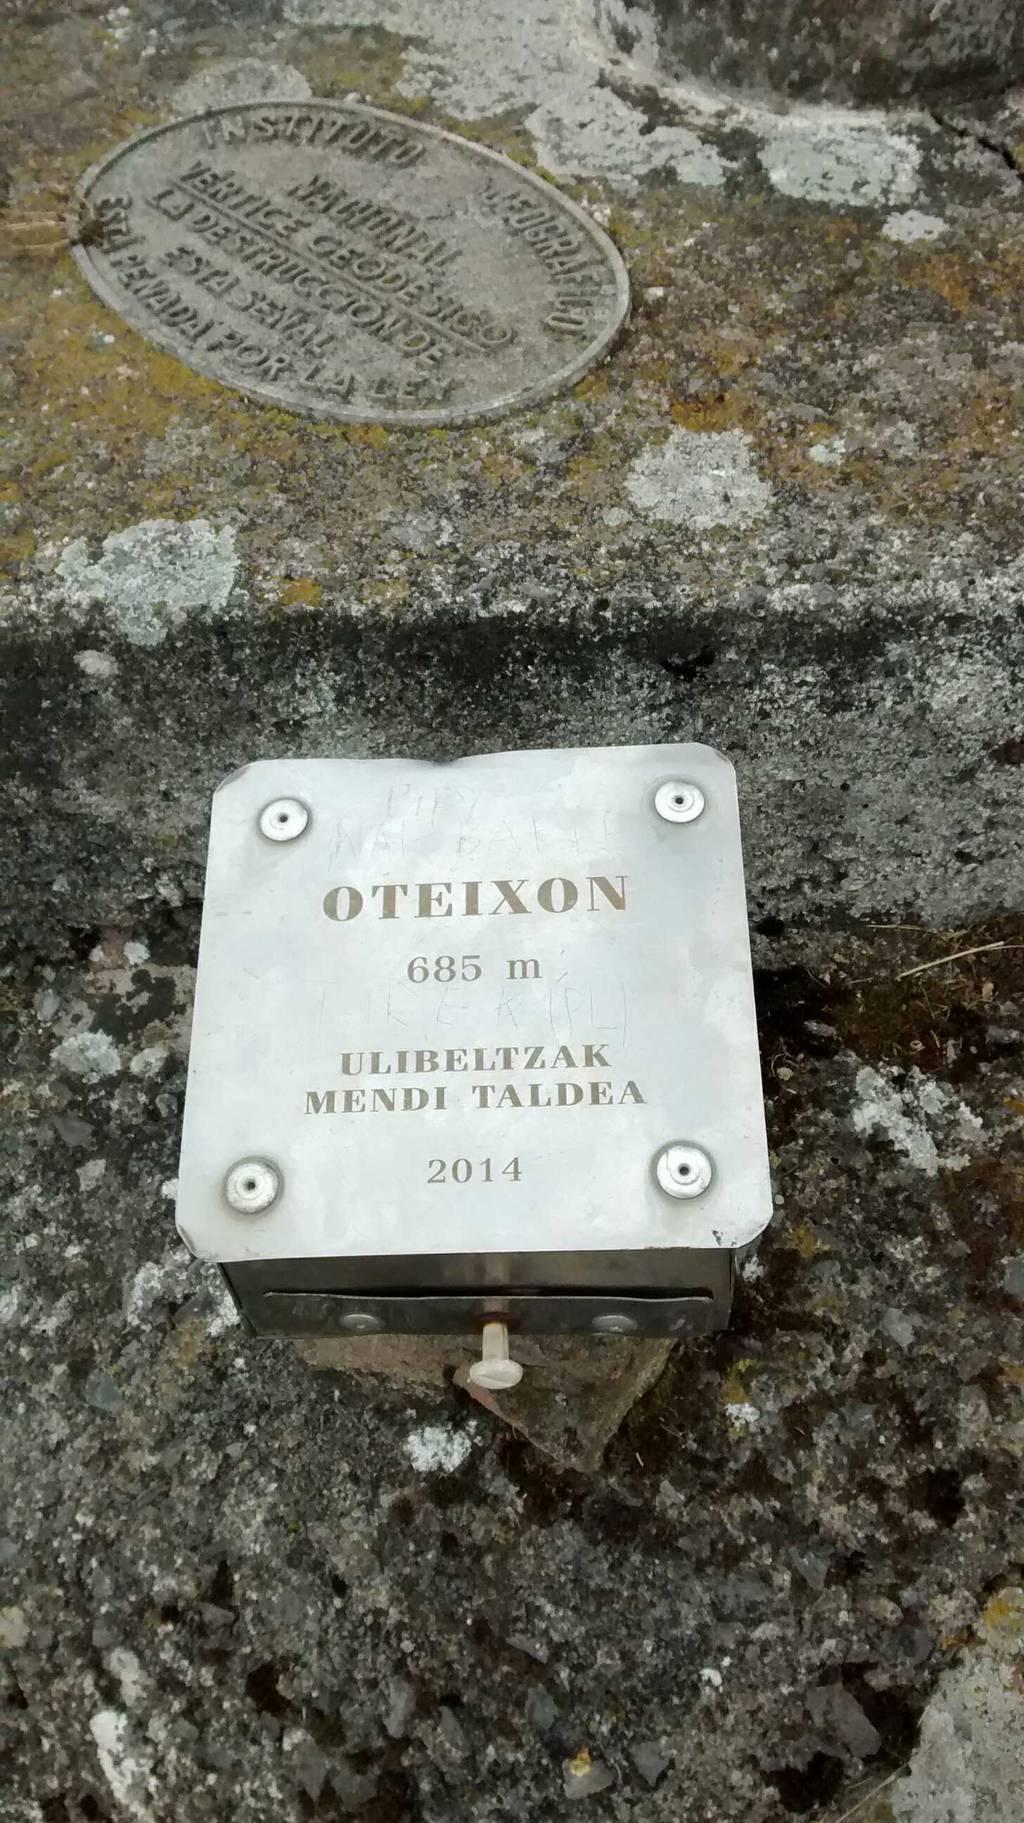 Ramon Emazabel erabiltzailea Oteitzoiana puntan, 2020-06-22 10:32